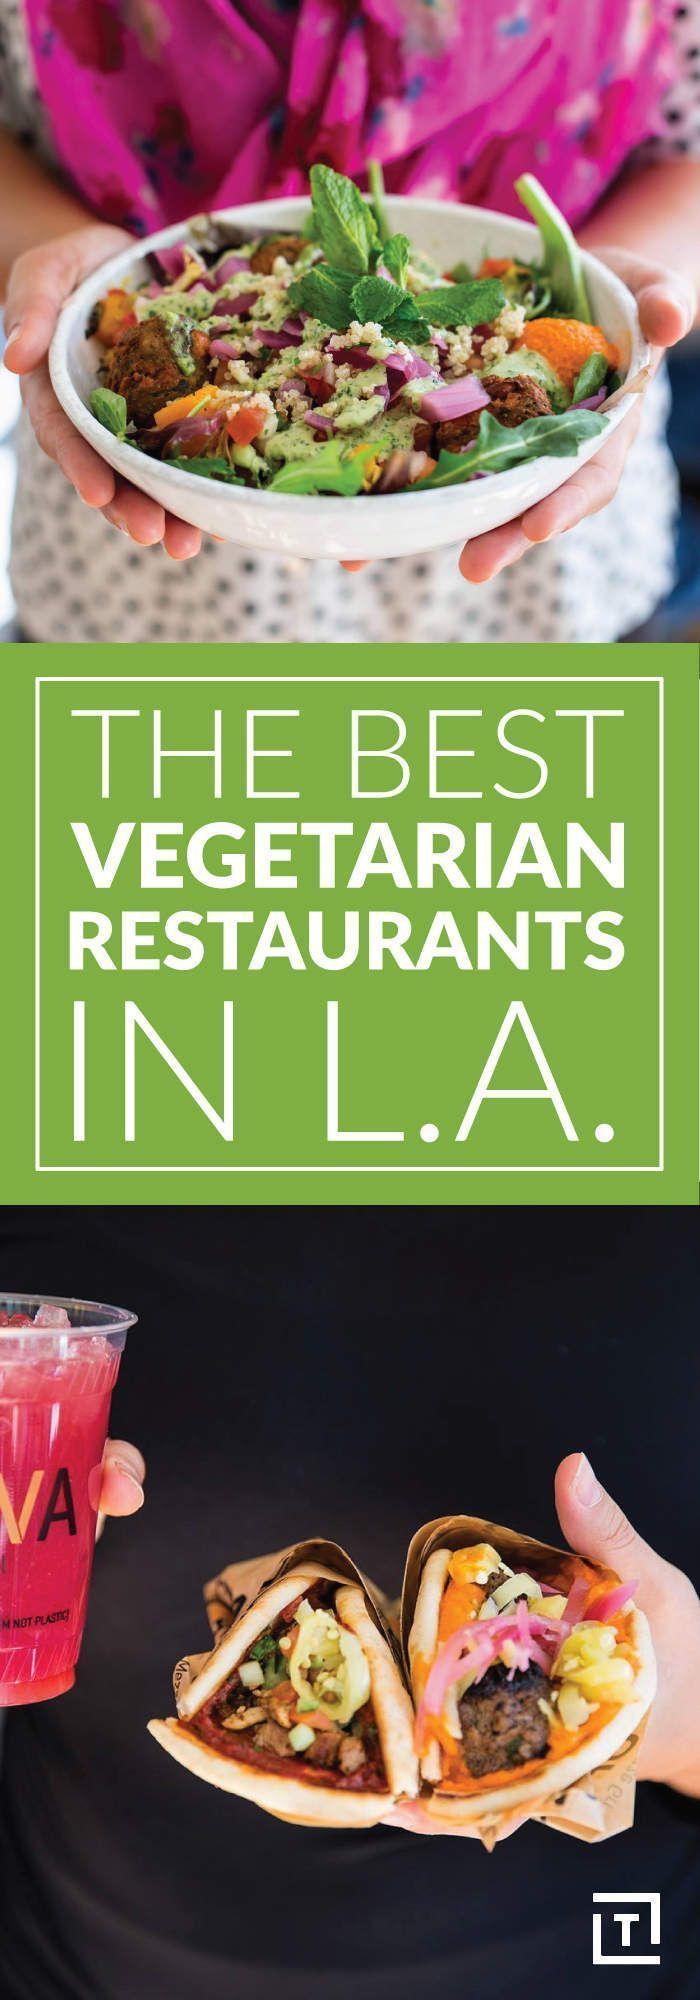 The Best Vegan Vegetarian Restaurants In La Vegetarian Restaurant Healthy Restaurant Best Vegetarian Restaurants